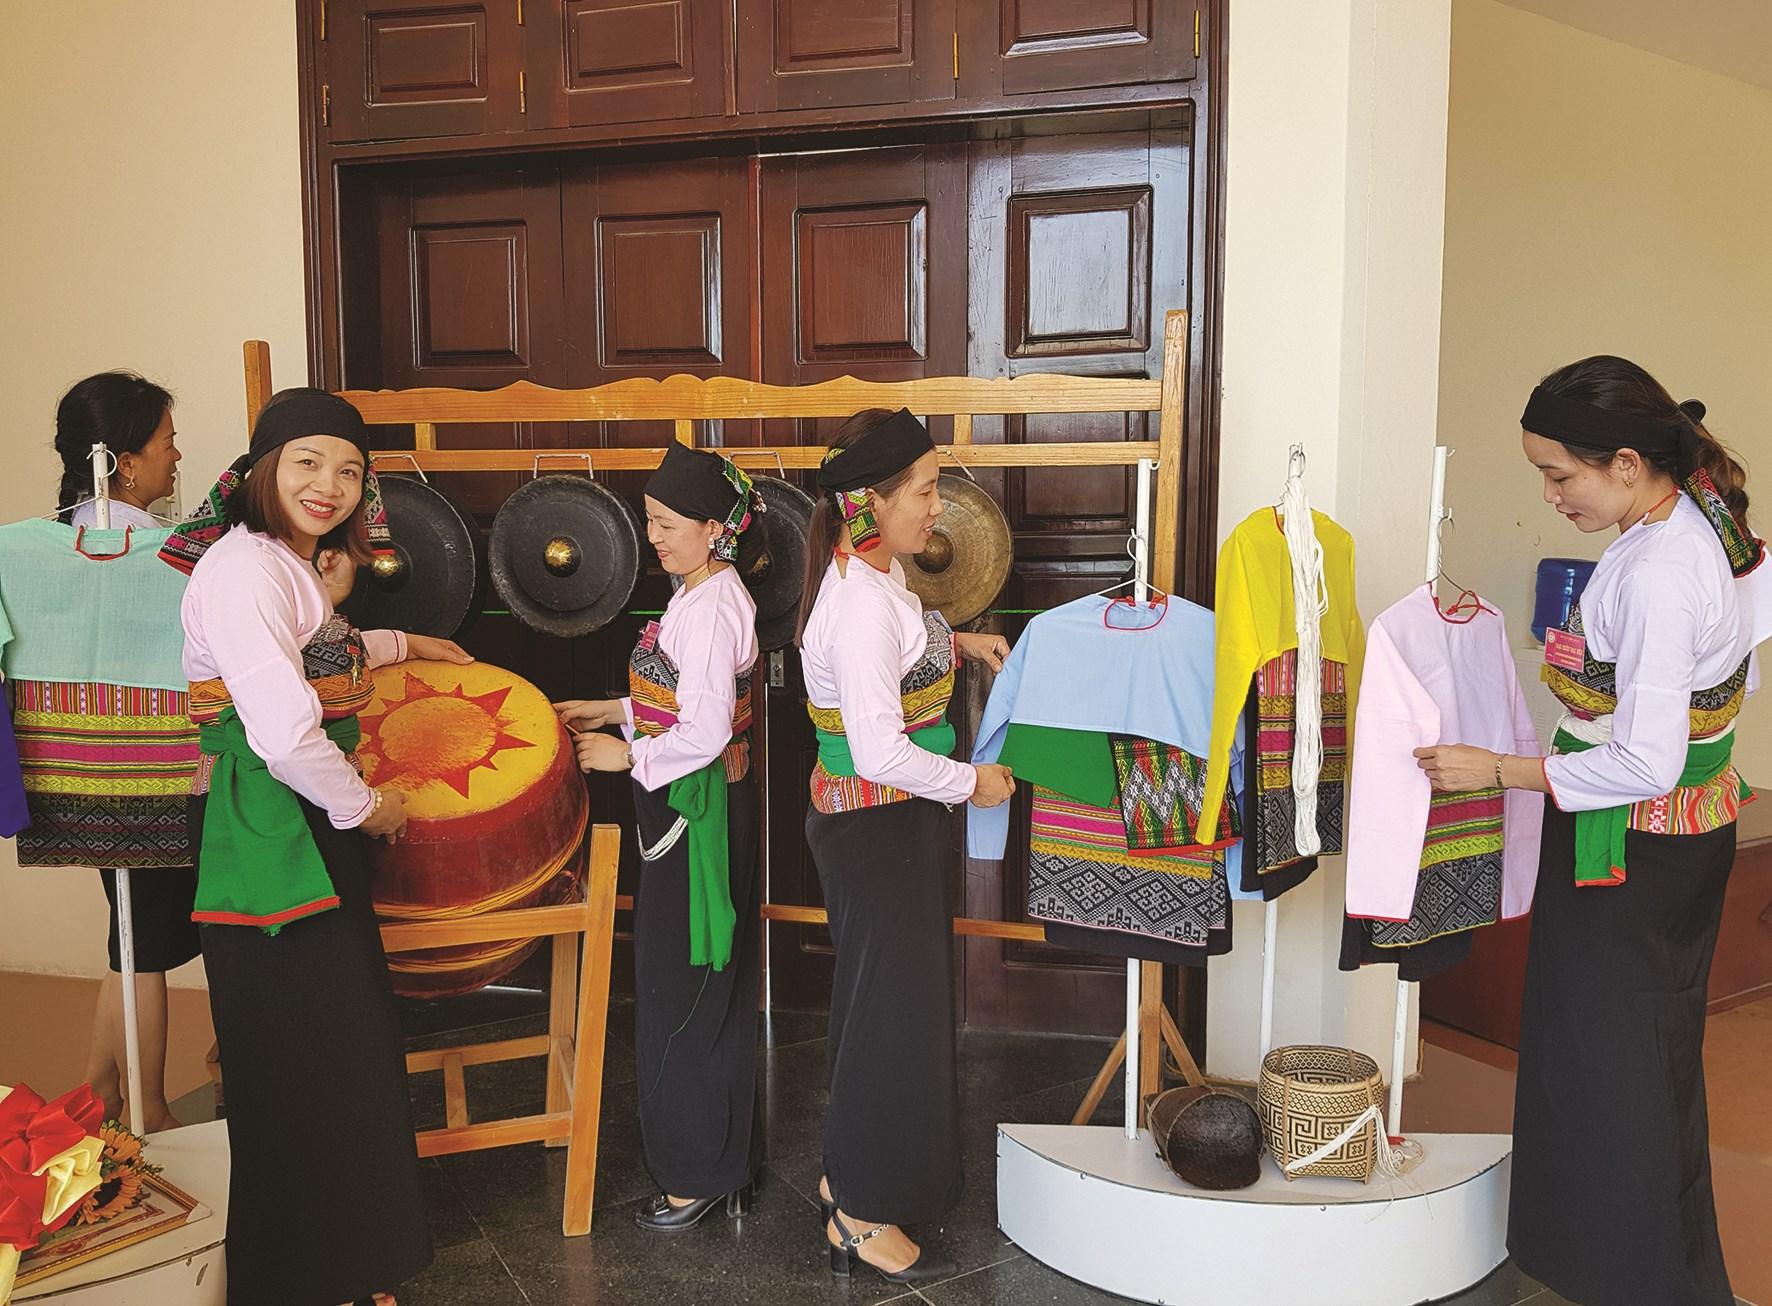 Đặc trưng văn hóa dân tộc Mường xứ Thanh được trưng bày tại Bảo tàng